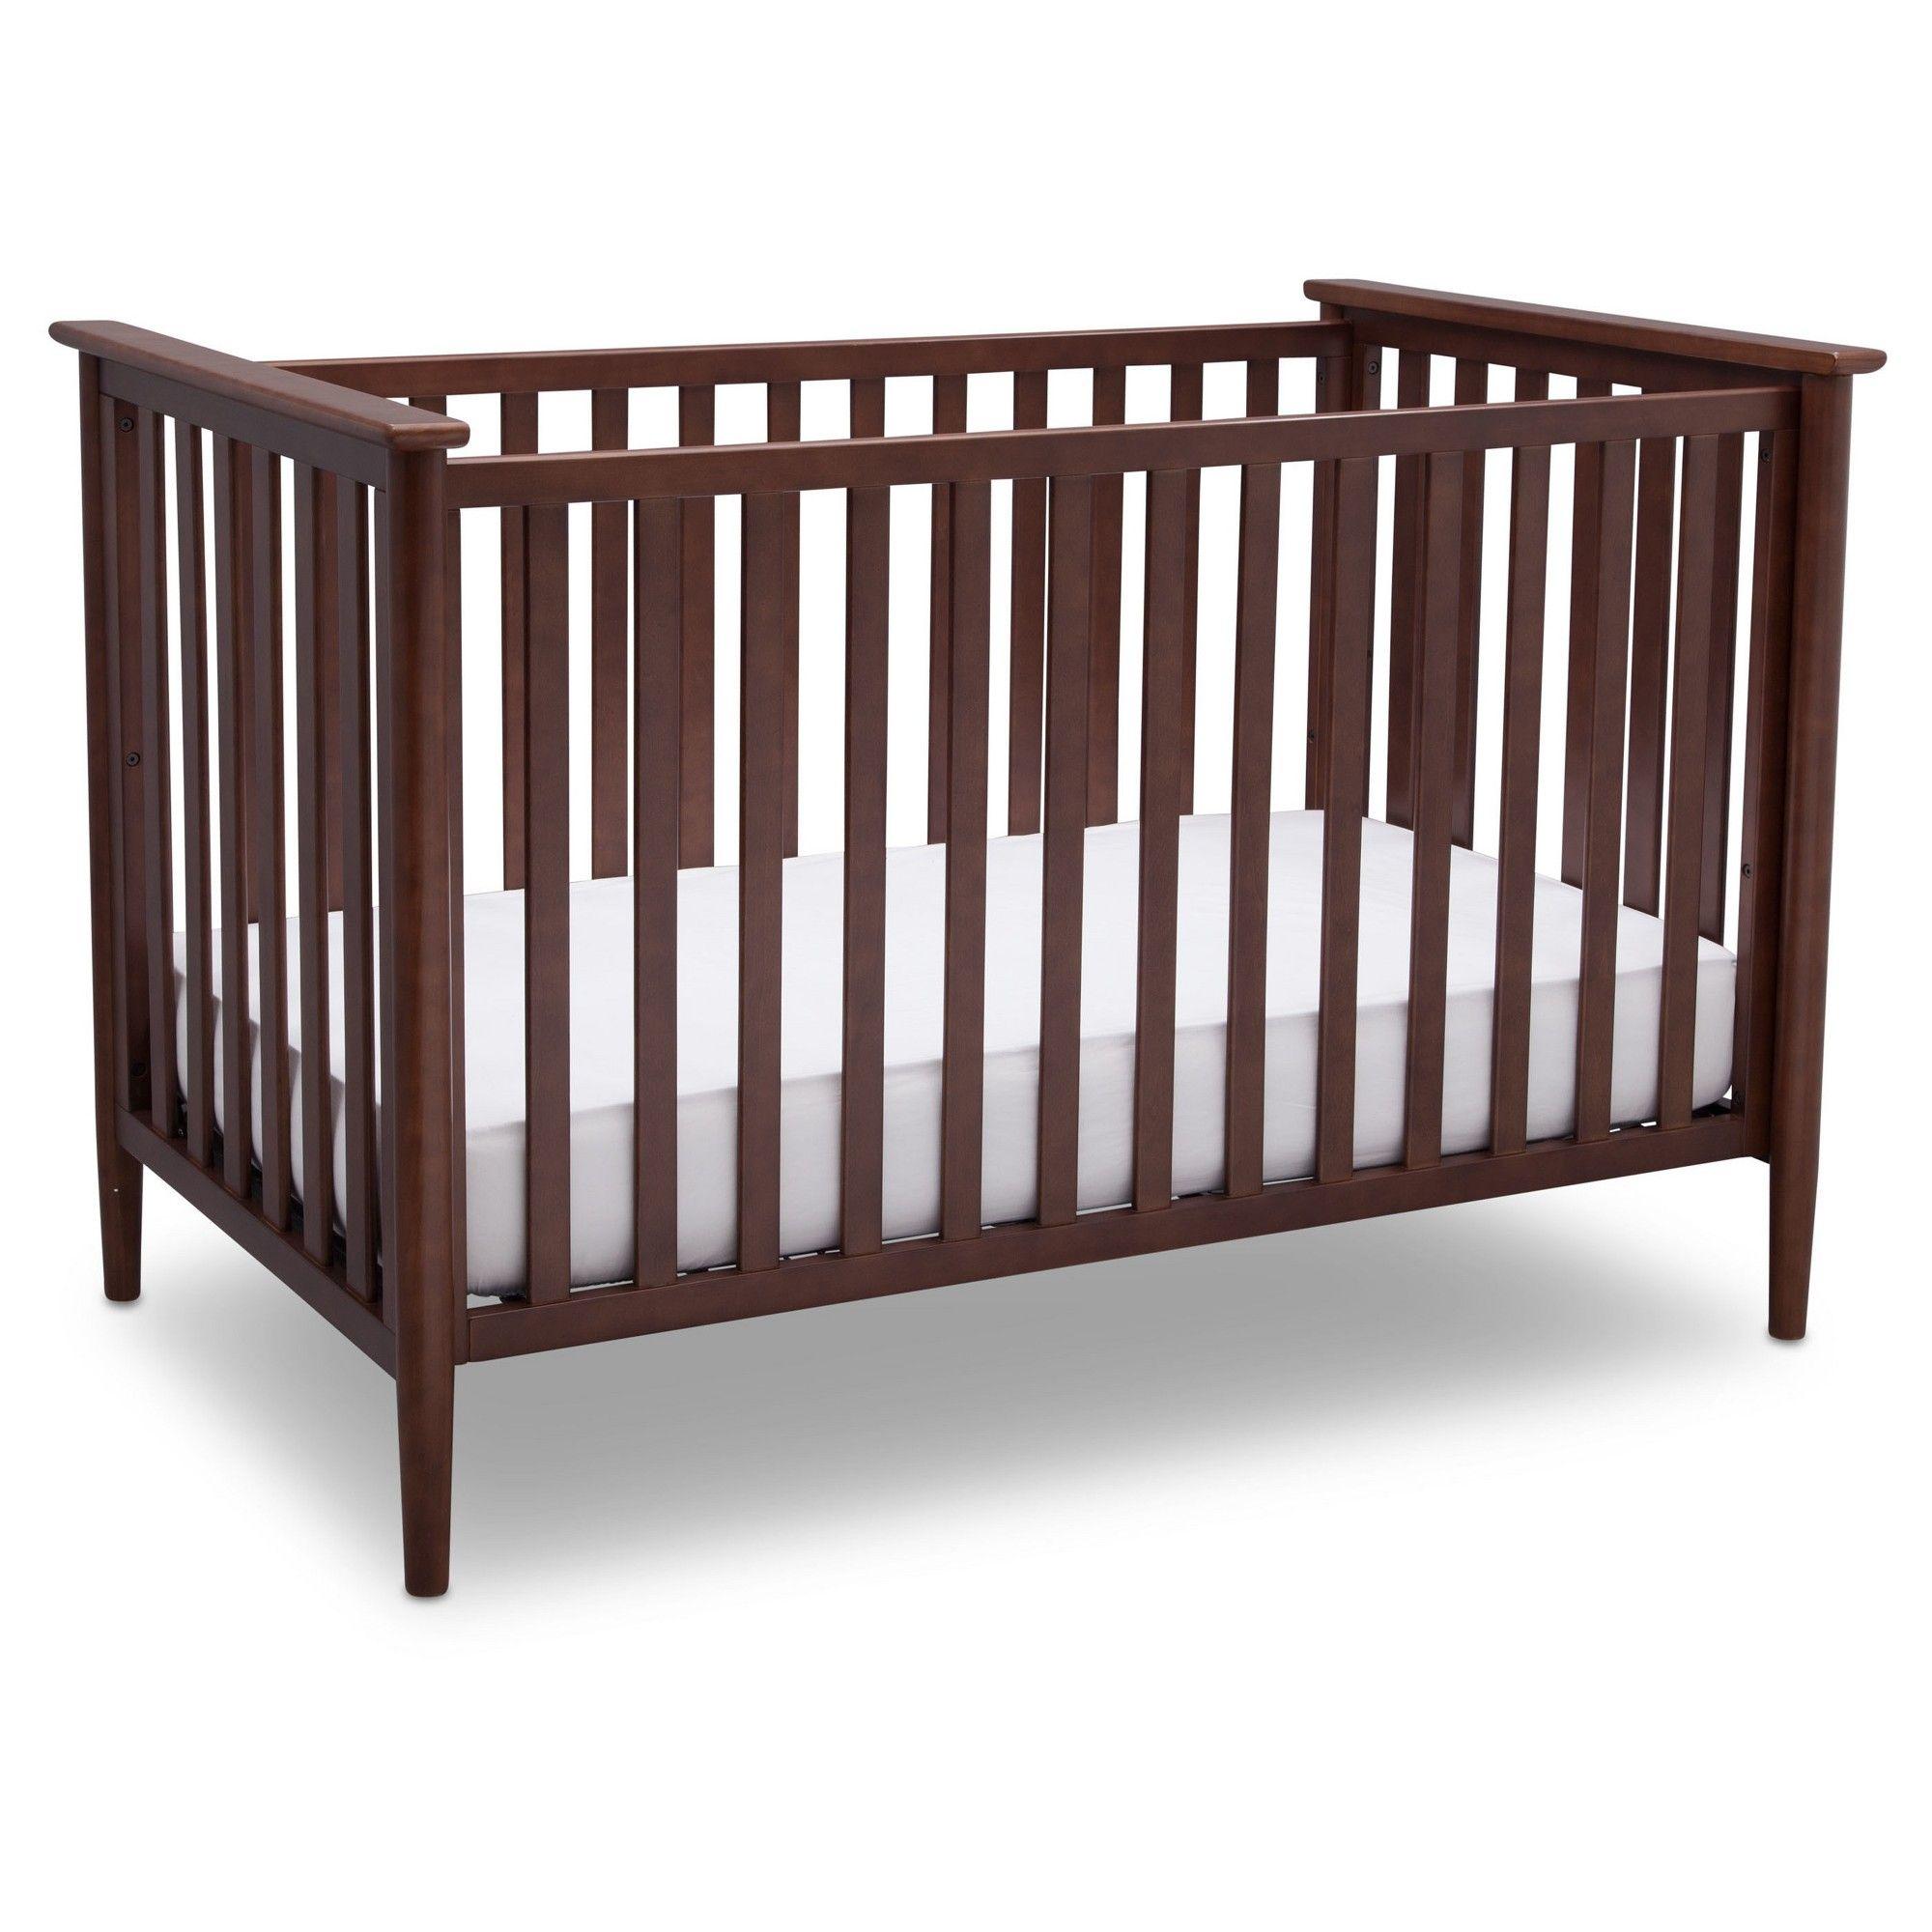 Delta Children Greyson 3-in-1 Convertible Crib - Walnut (Brown)